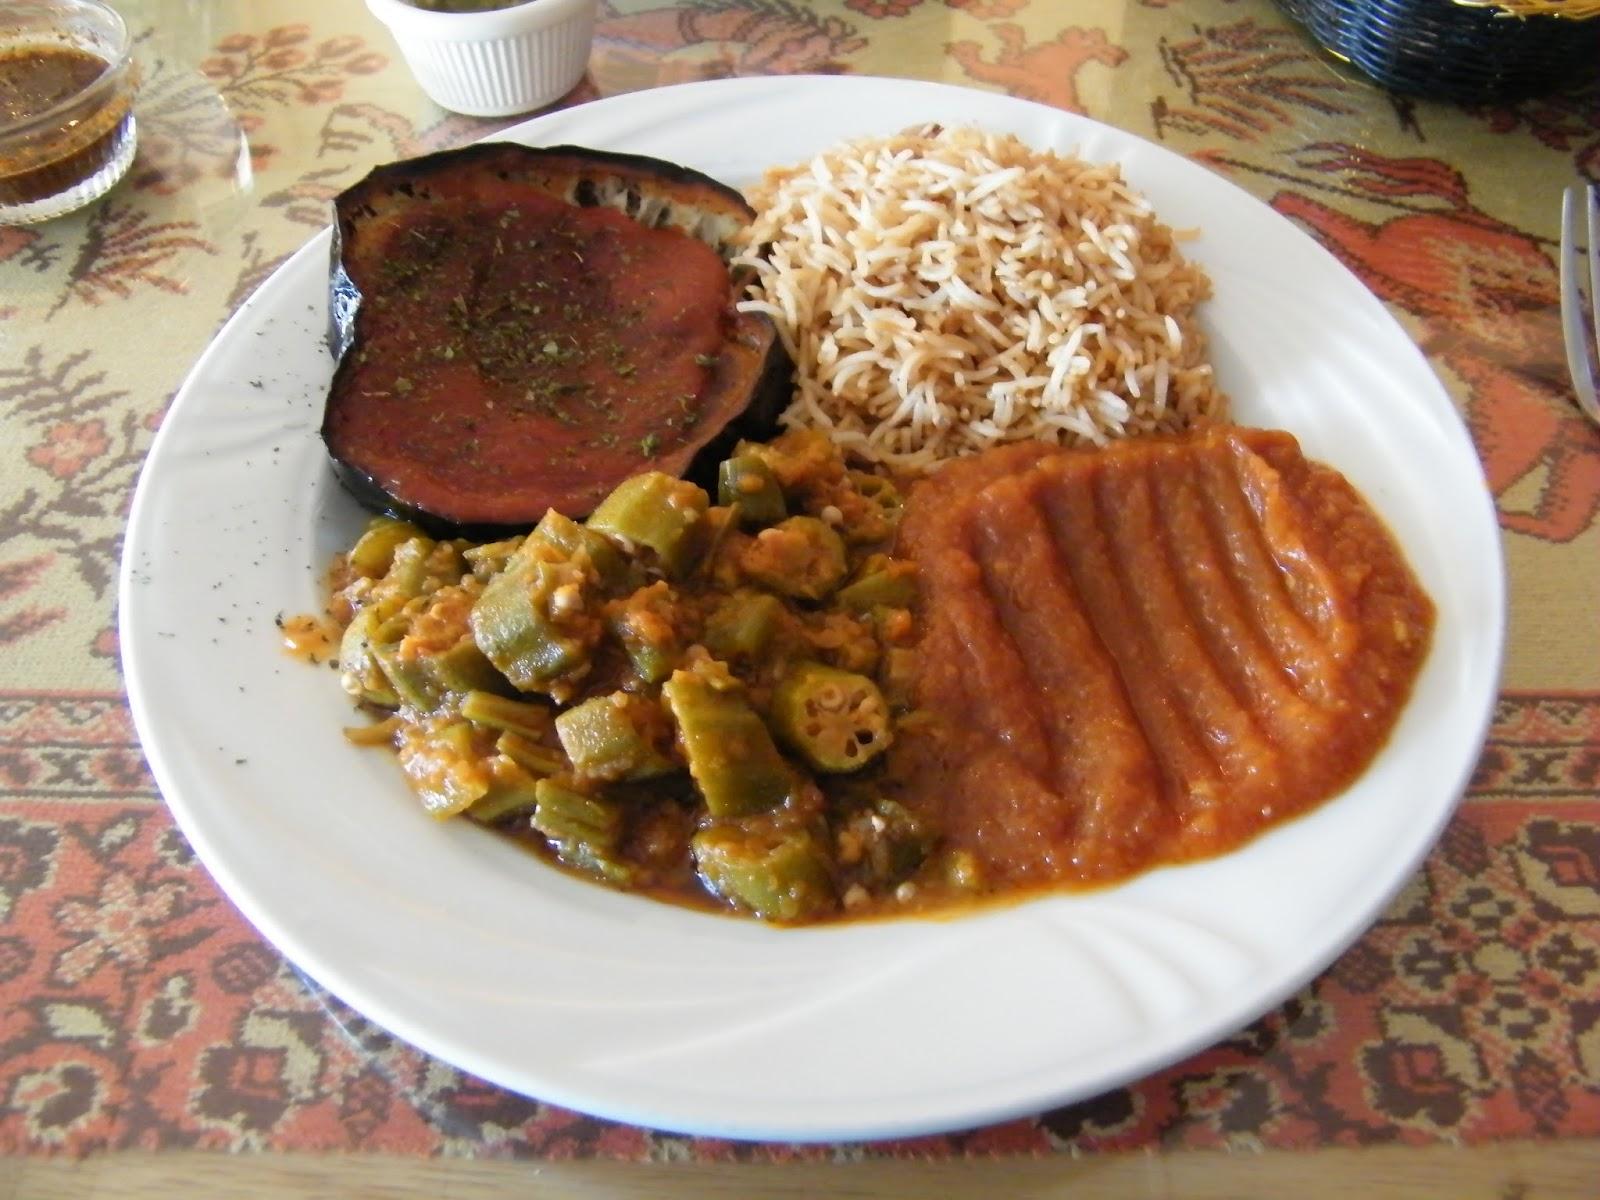 Sacramento vegan bamiyan afghan restaurant for Afghan cuisine restaurant